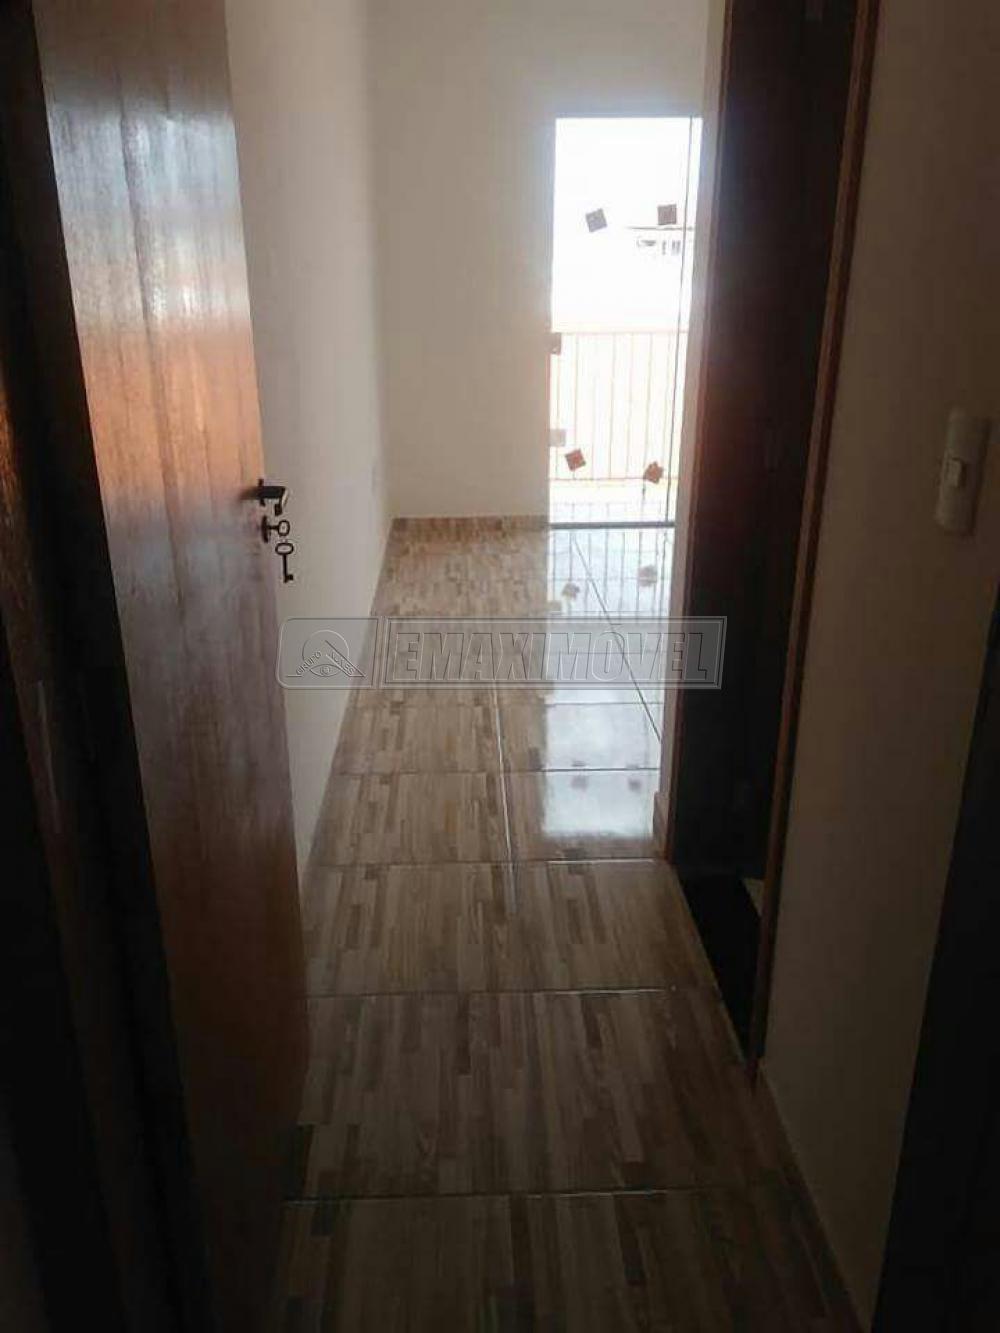 Comprar Casas / em Bairros em Sorocaba apenas R$ 170.000,00 - Foto 11